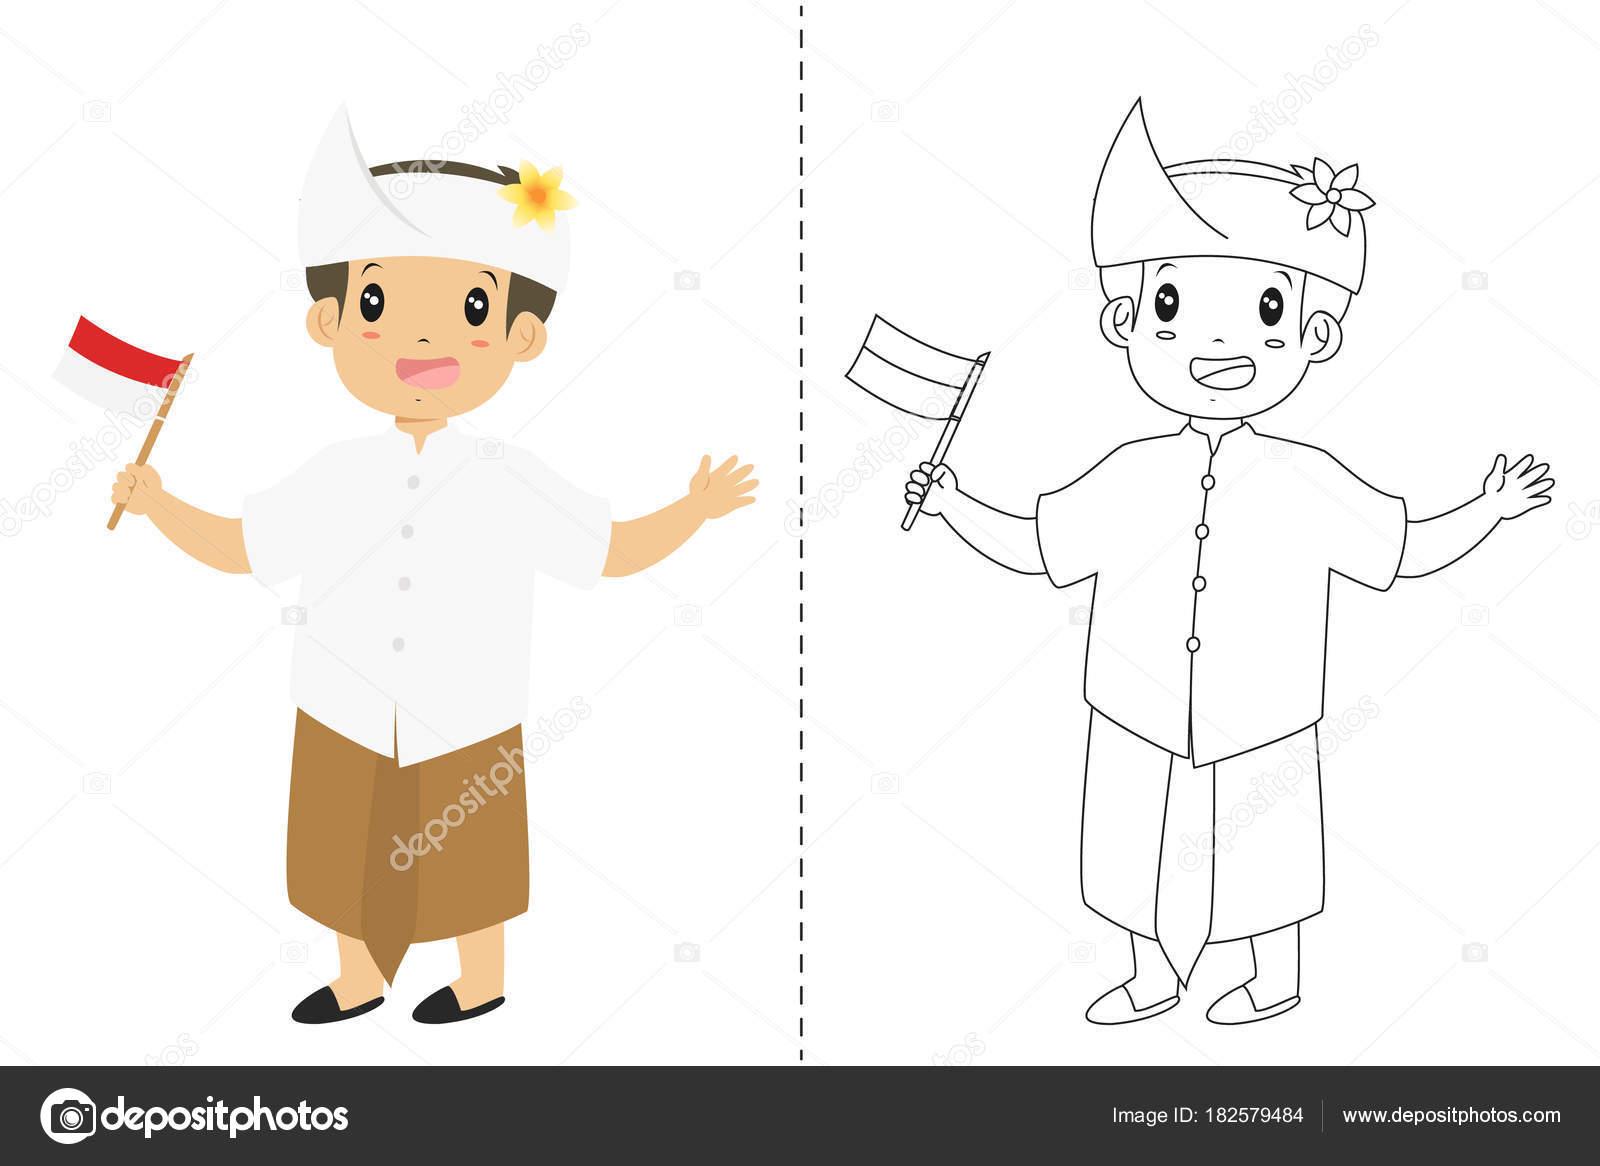 Bali Geleneksel Kıyafet Giyen Endonezya Bir Bayrak Tutan Endonezya